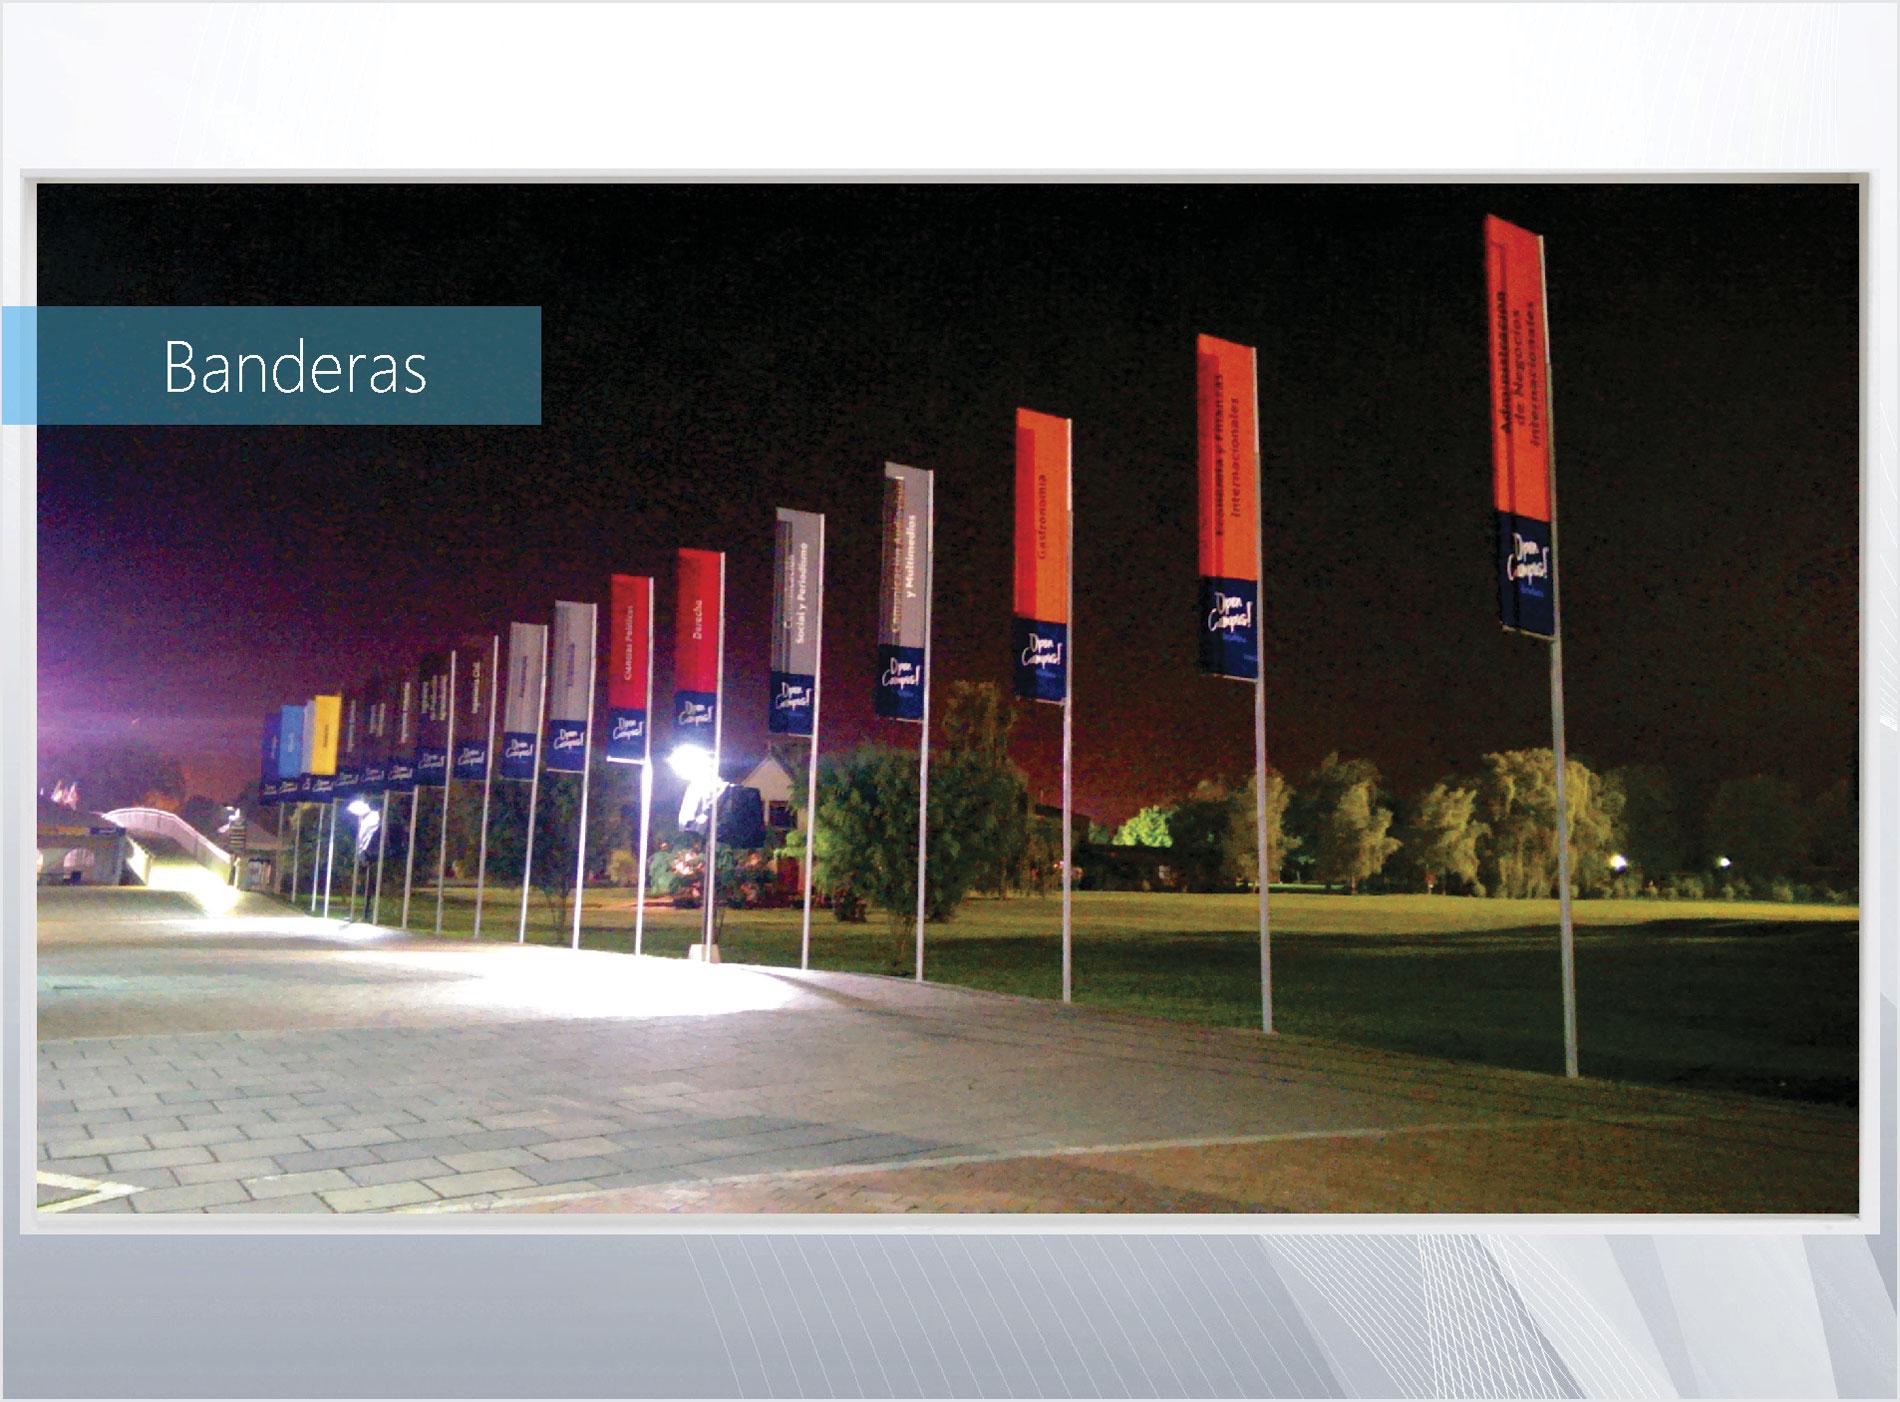 54_banderas_obra_construccion_impresas_ggcm